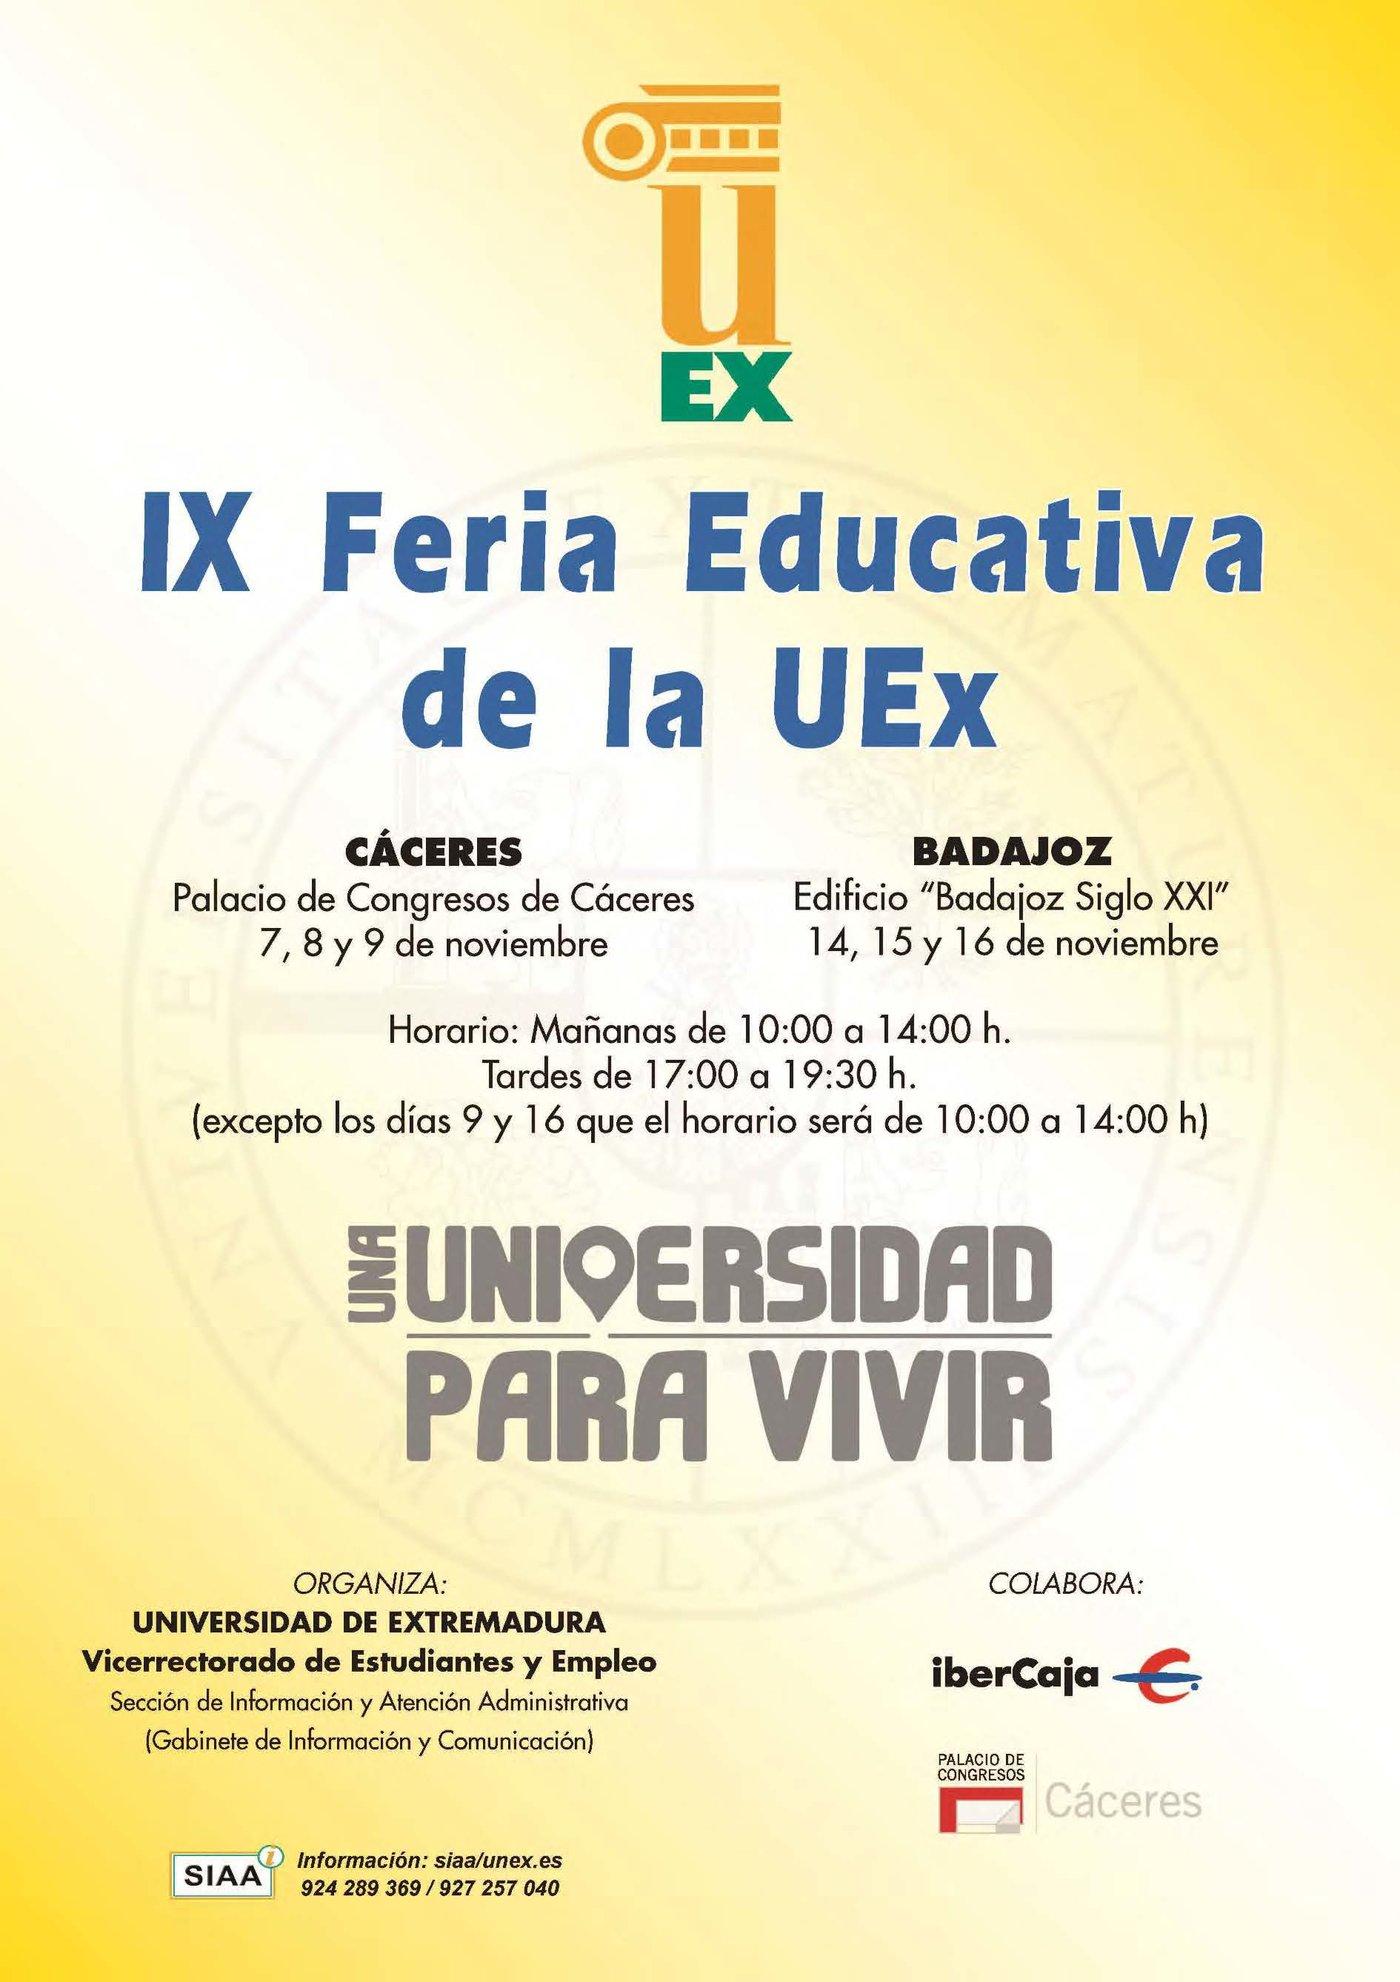 http://lagaceta.educarex.es/cont/imagenes/2017-10/Cartel_FEria_2.jpg